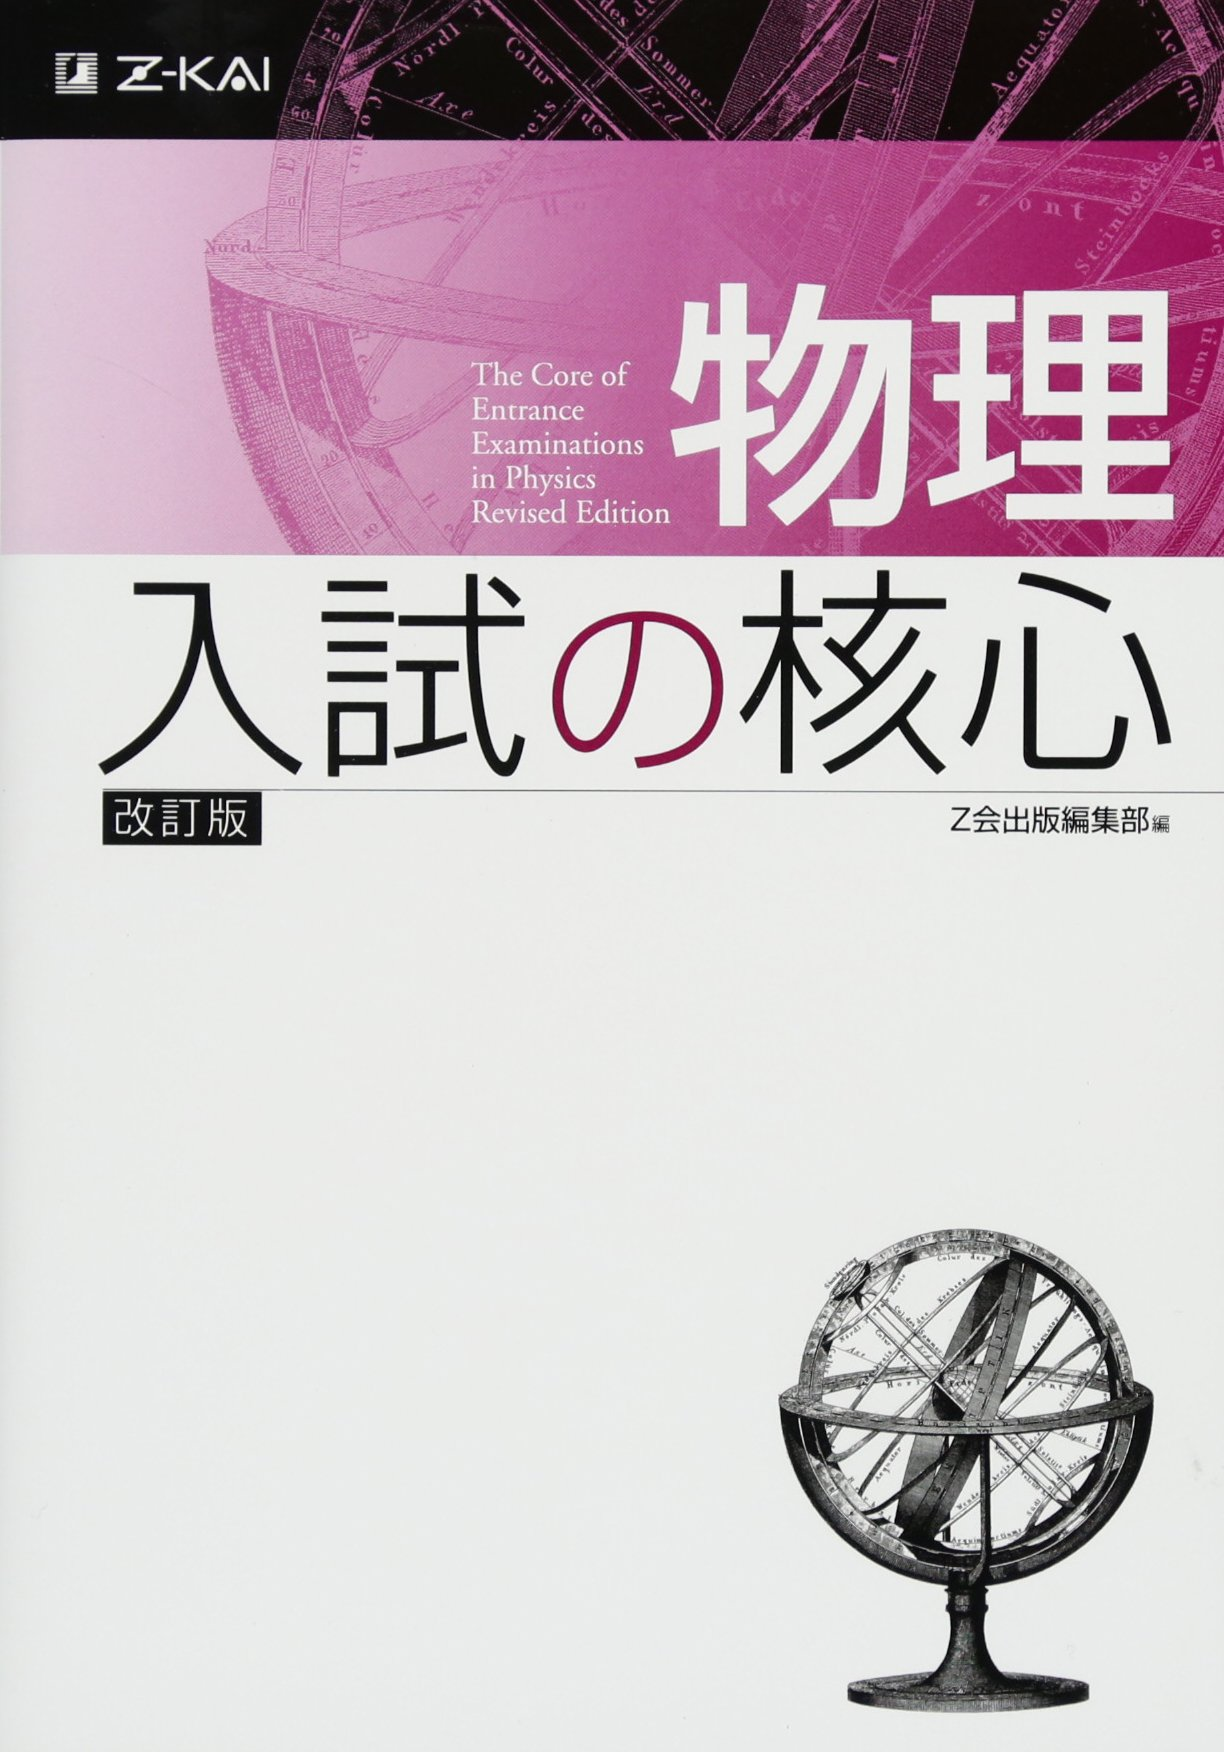 物理のおすすめ参考書・問題集『物理 入試の核心』